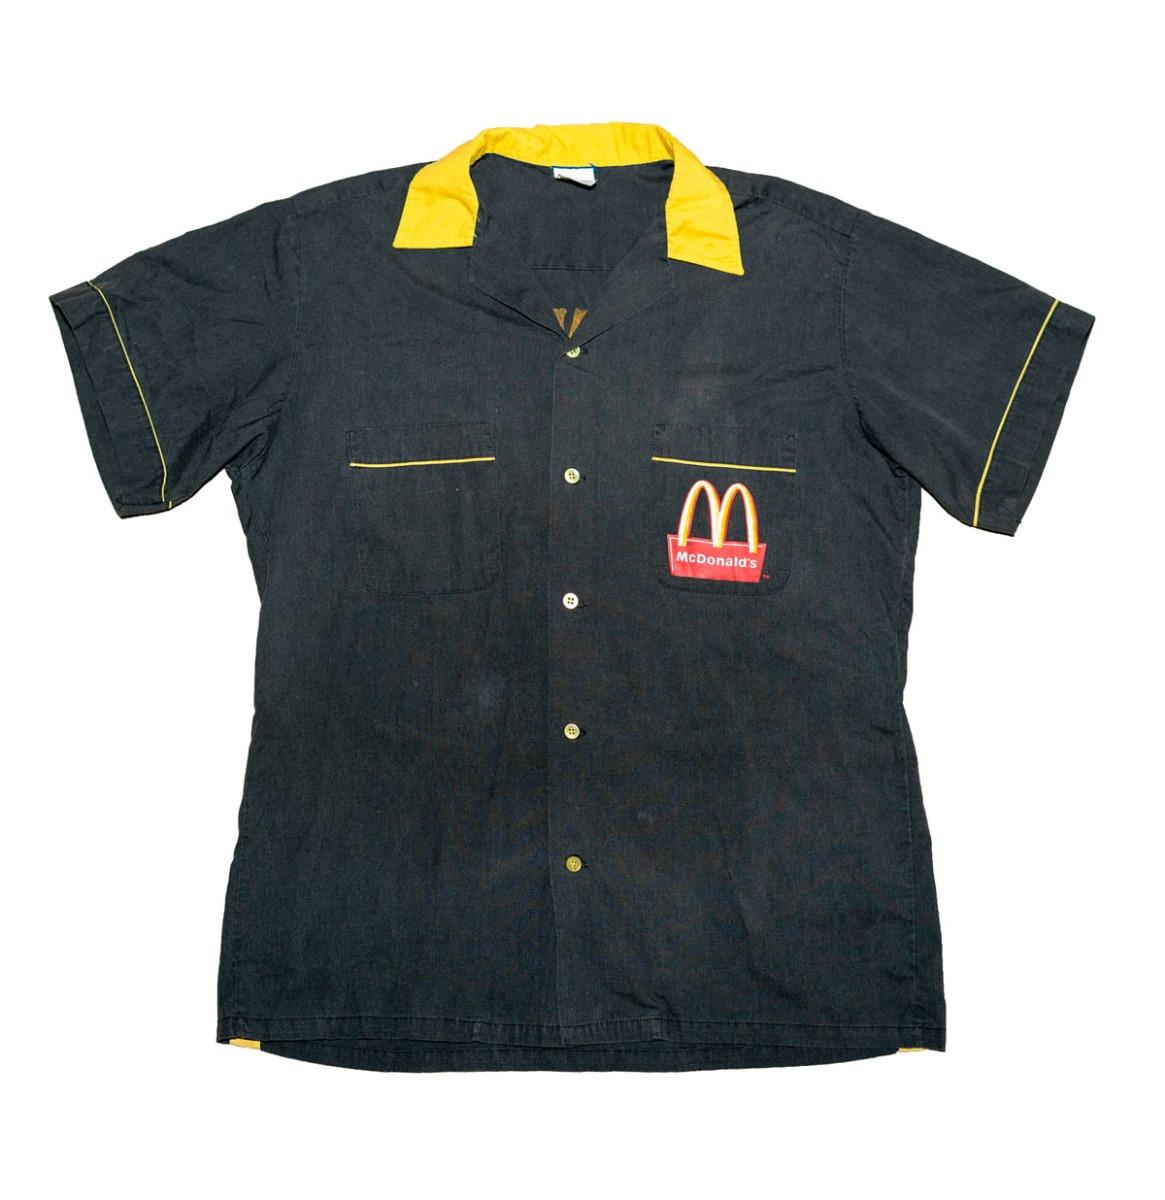 Bennies Fifties McDonald's Bowlingshirt - Gebruikt